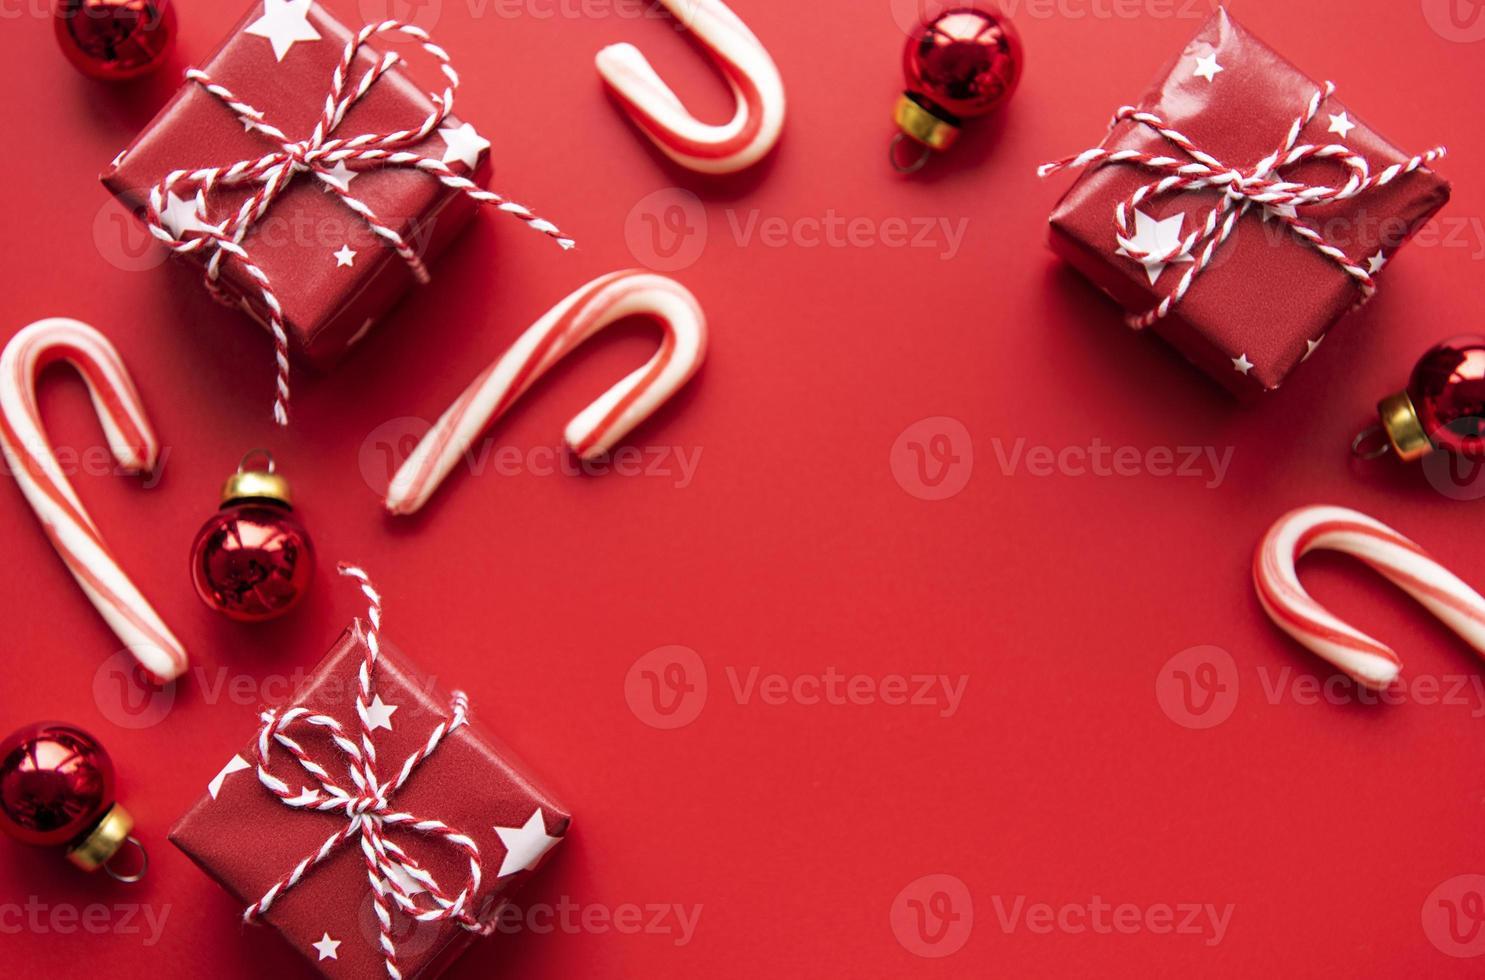 decoração de enfeites de natal vermelhos em fundo vermelho com espaço de cópia foto